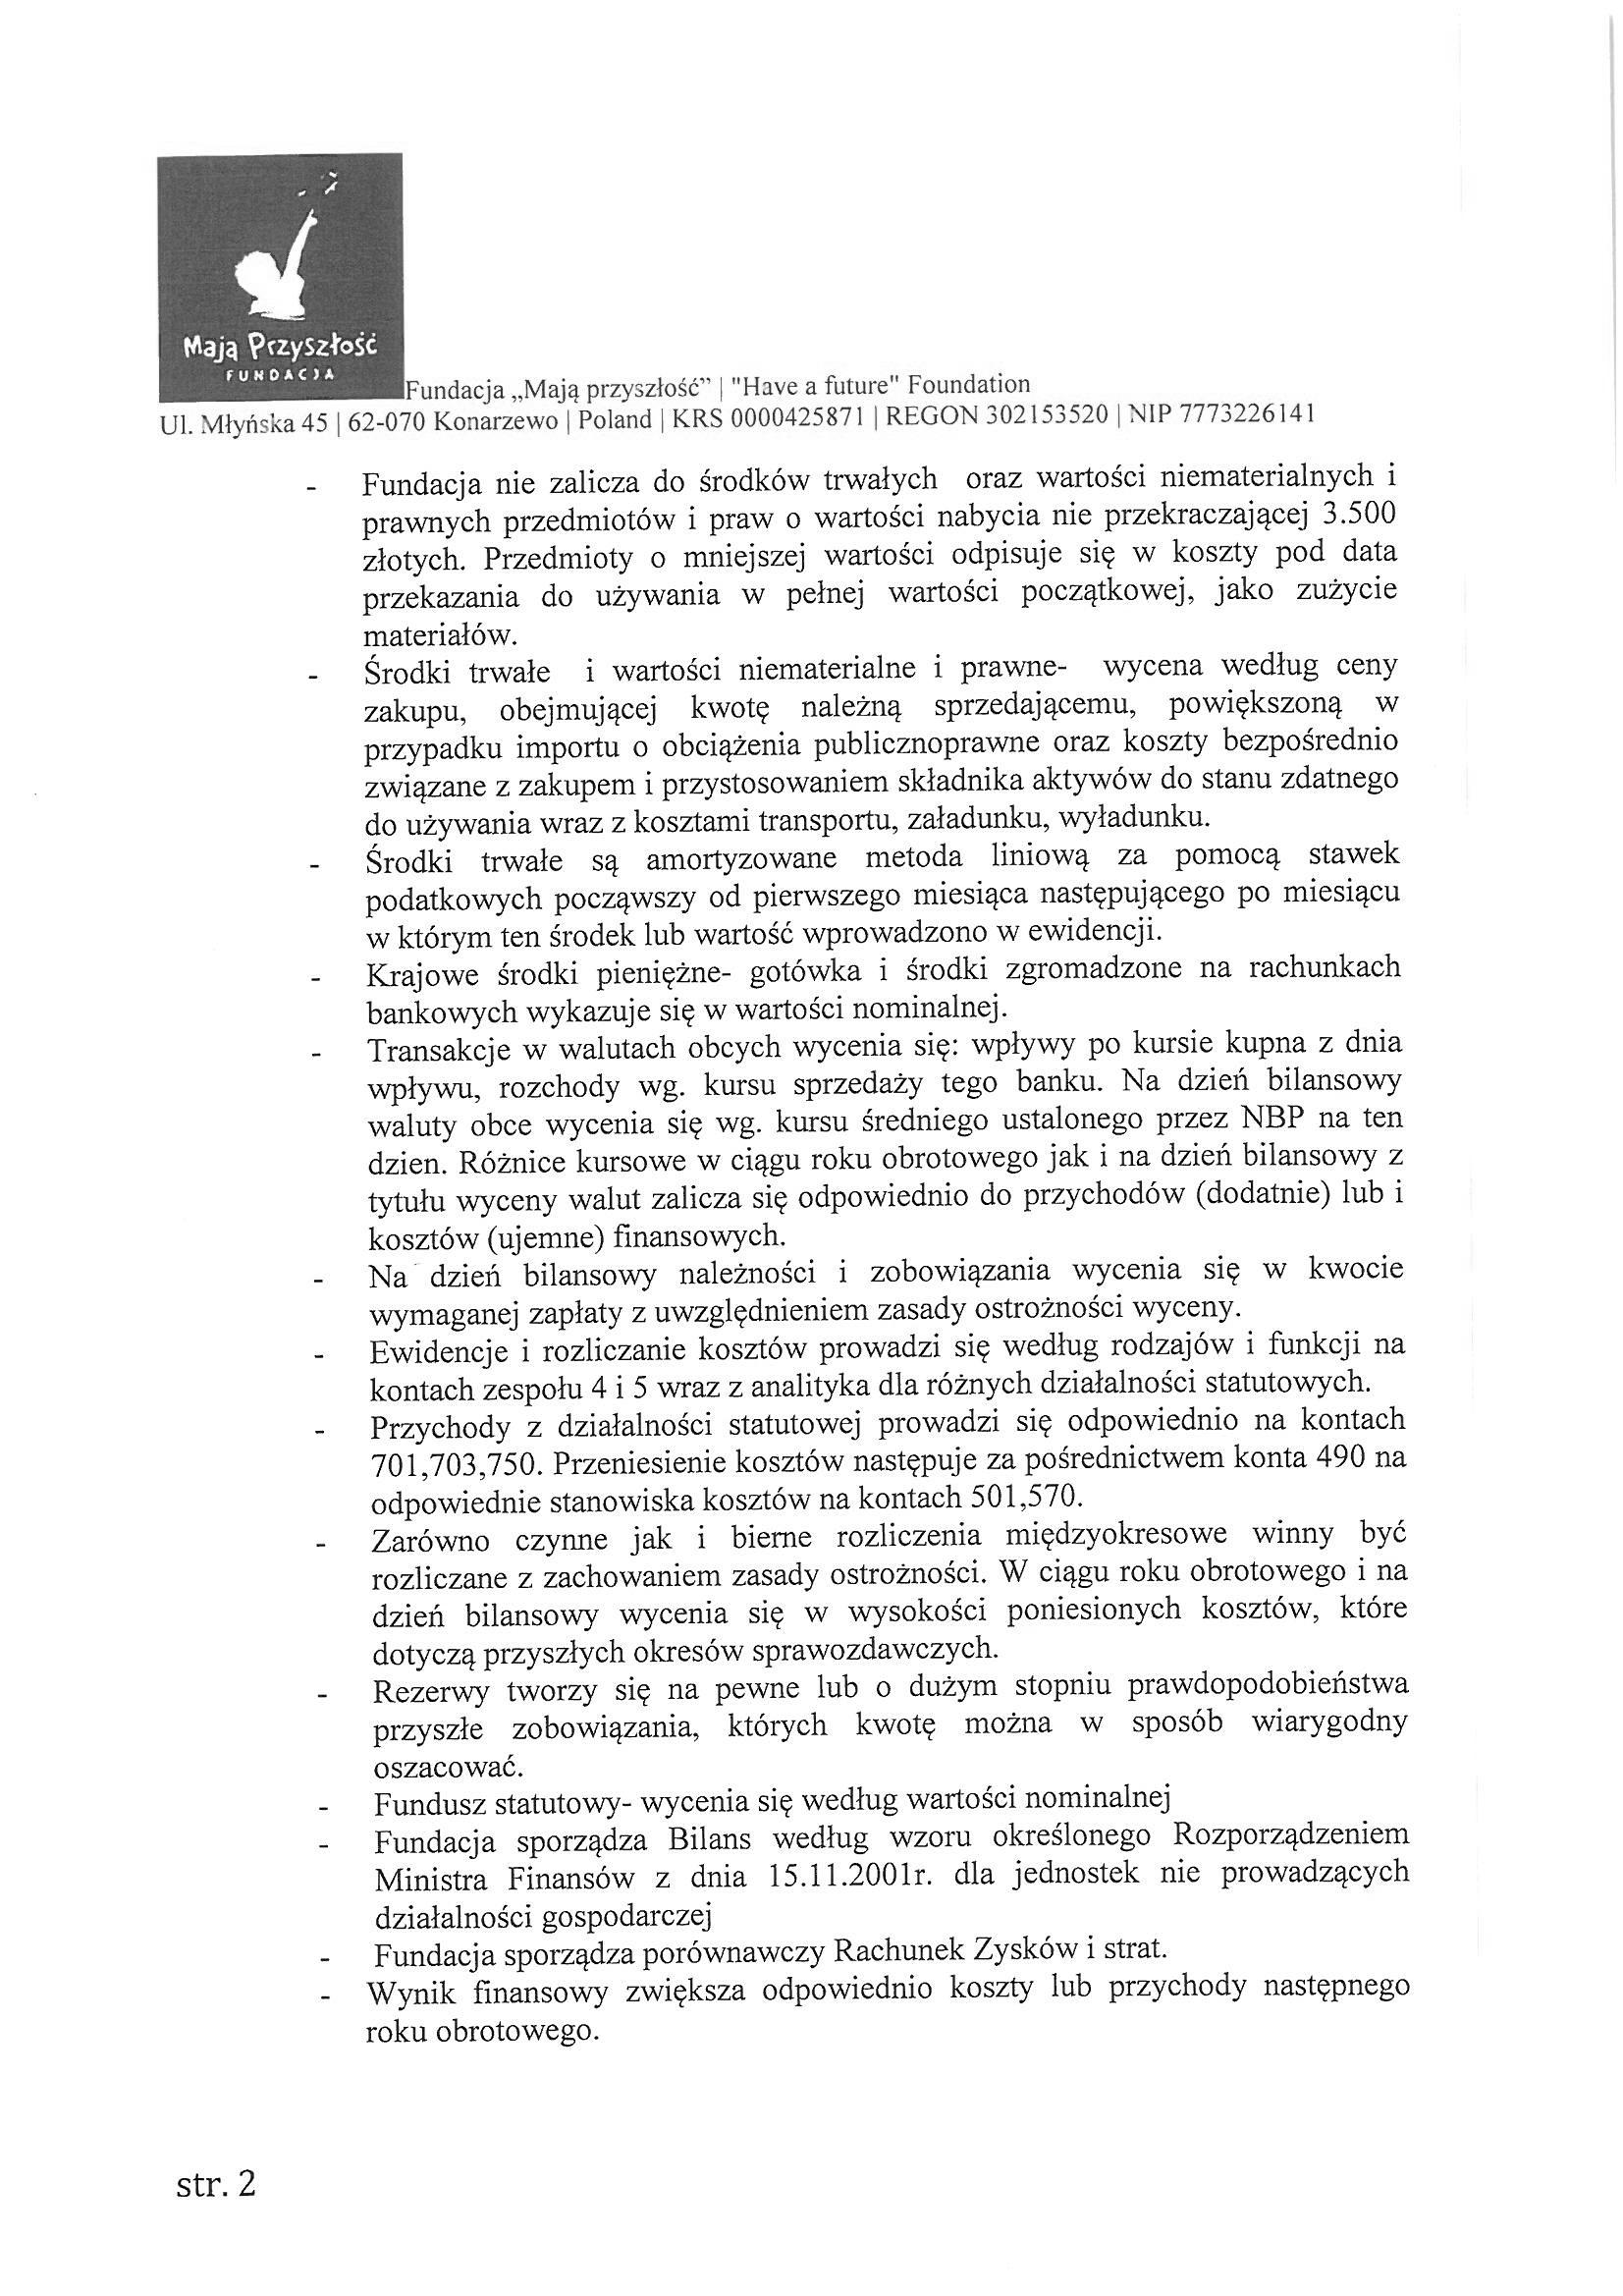 sprawozdanie-finansowe-FMP-2012_Page_2